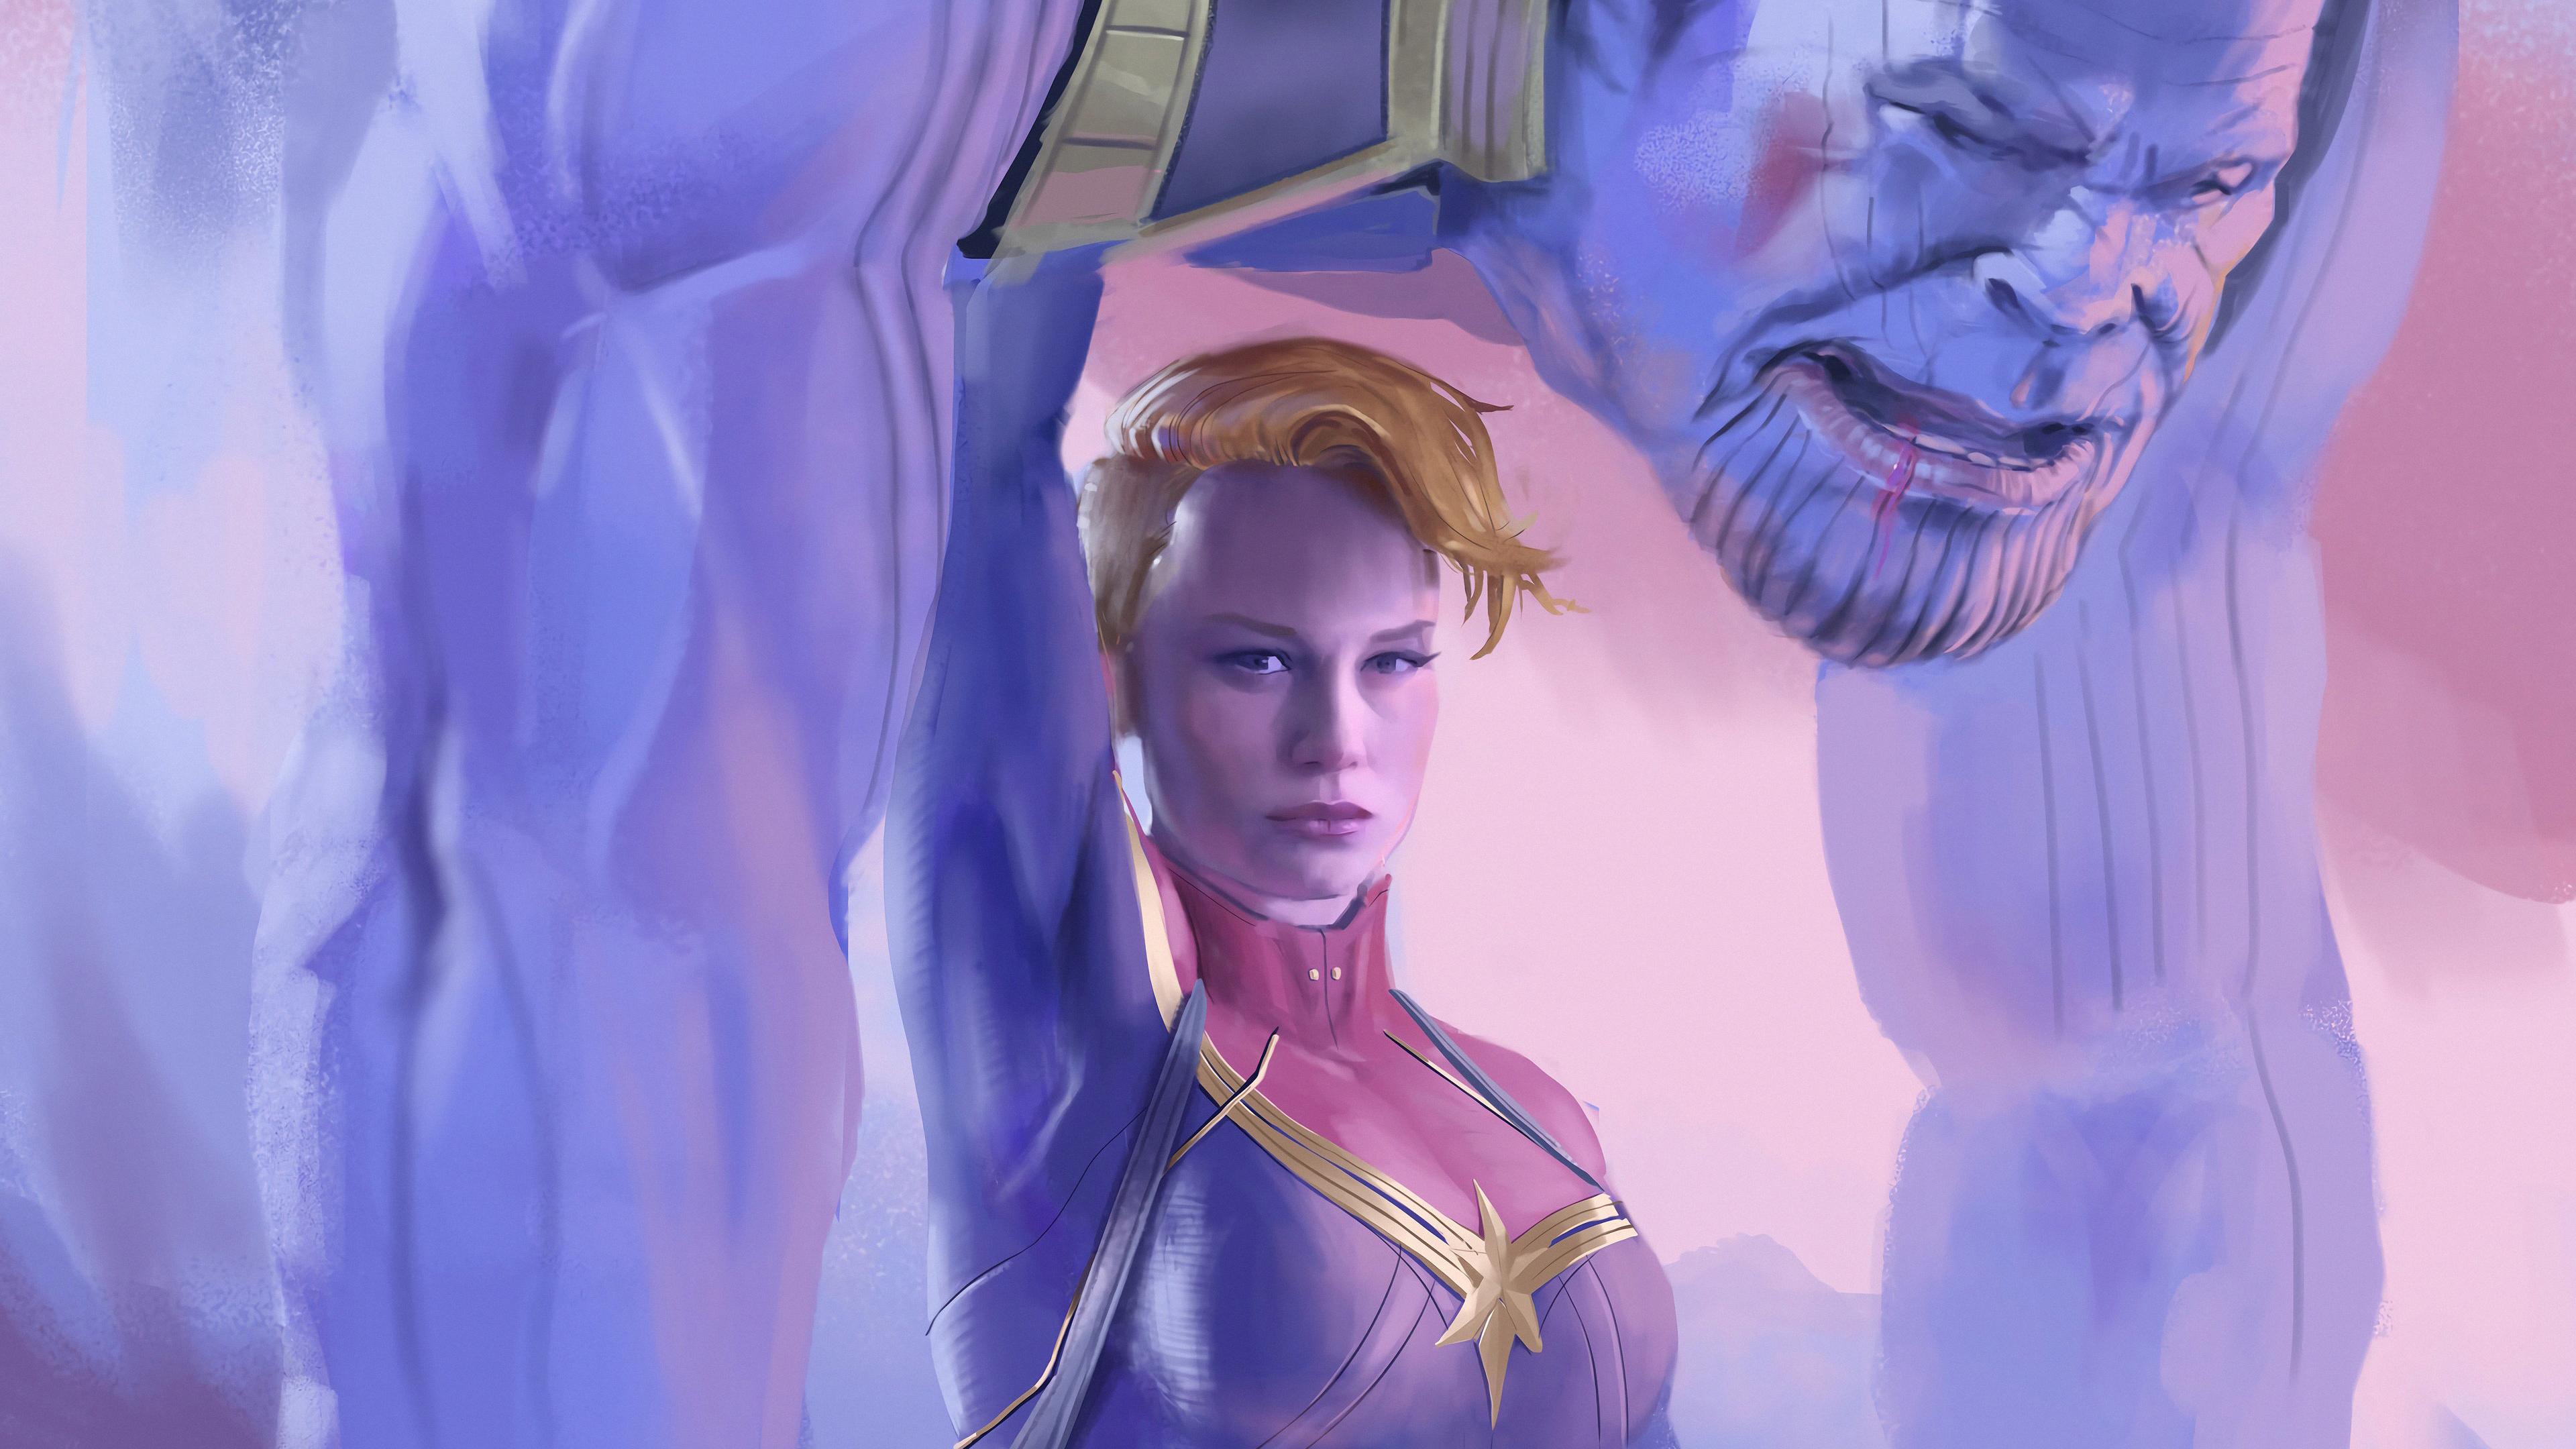 captain marvel defeated thanos 1569186350 - Captain Marvel Defeated Thanos - thanos-wallpapers, superheroes wallpapers, hd-wallpapers, captain marvel wallpapers, artwork wallpapers, 4k-wallpapers